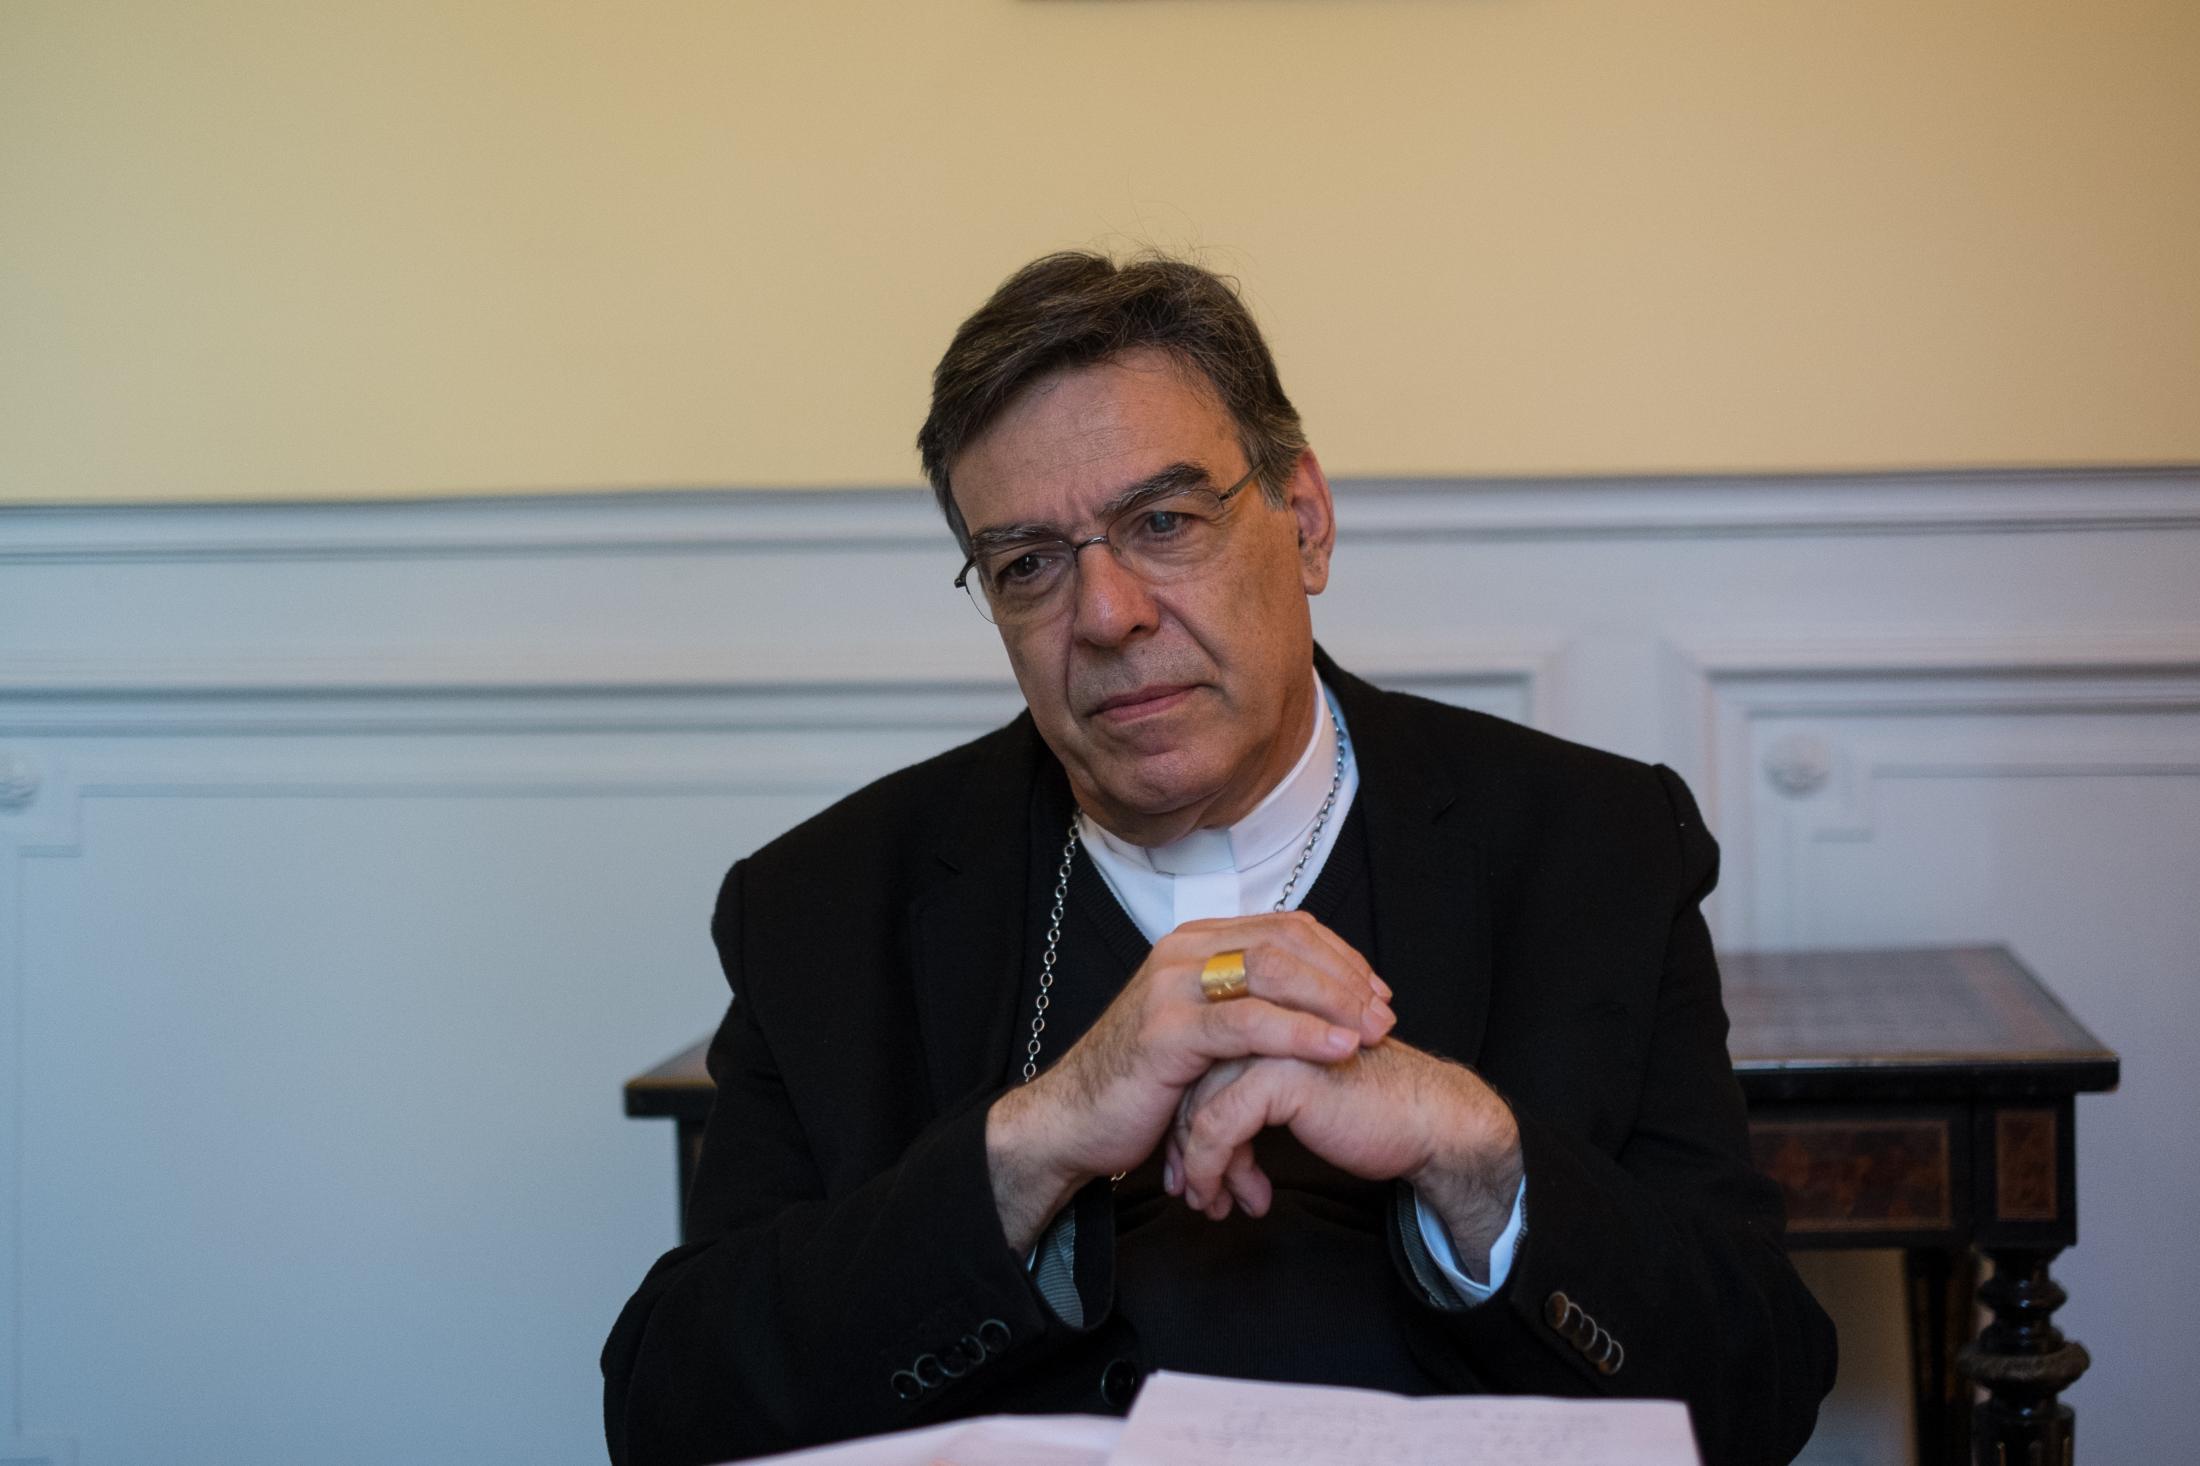 Monseigneur Aupetit, Archevêque de Paris.